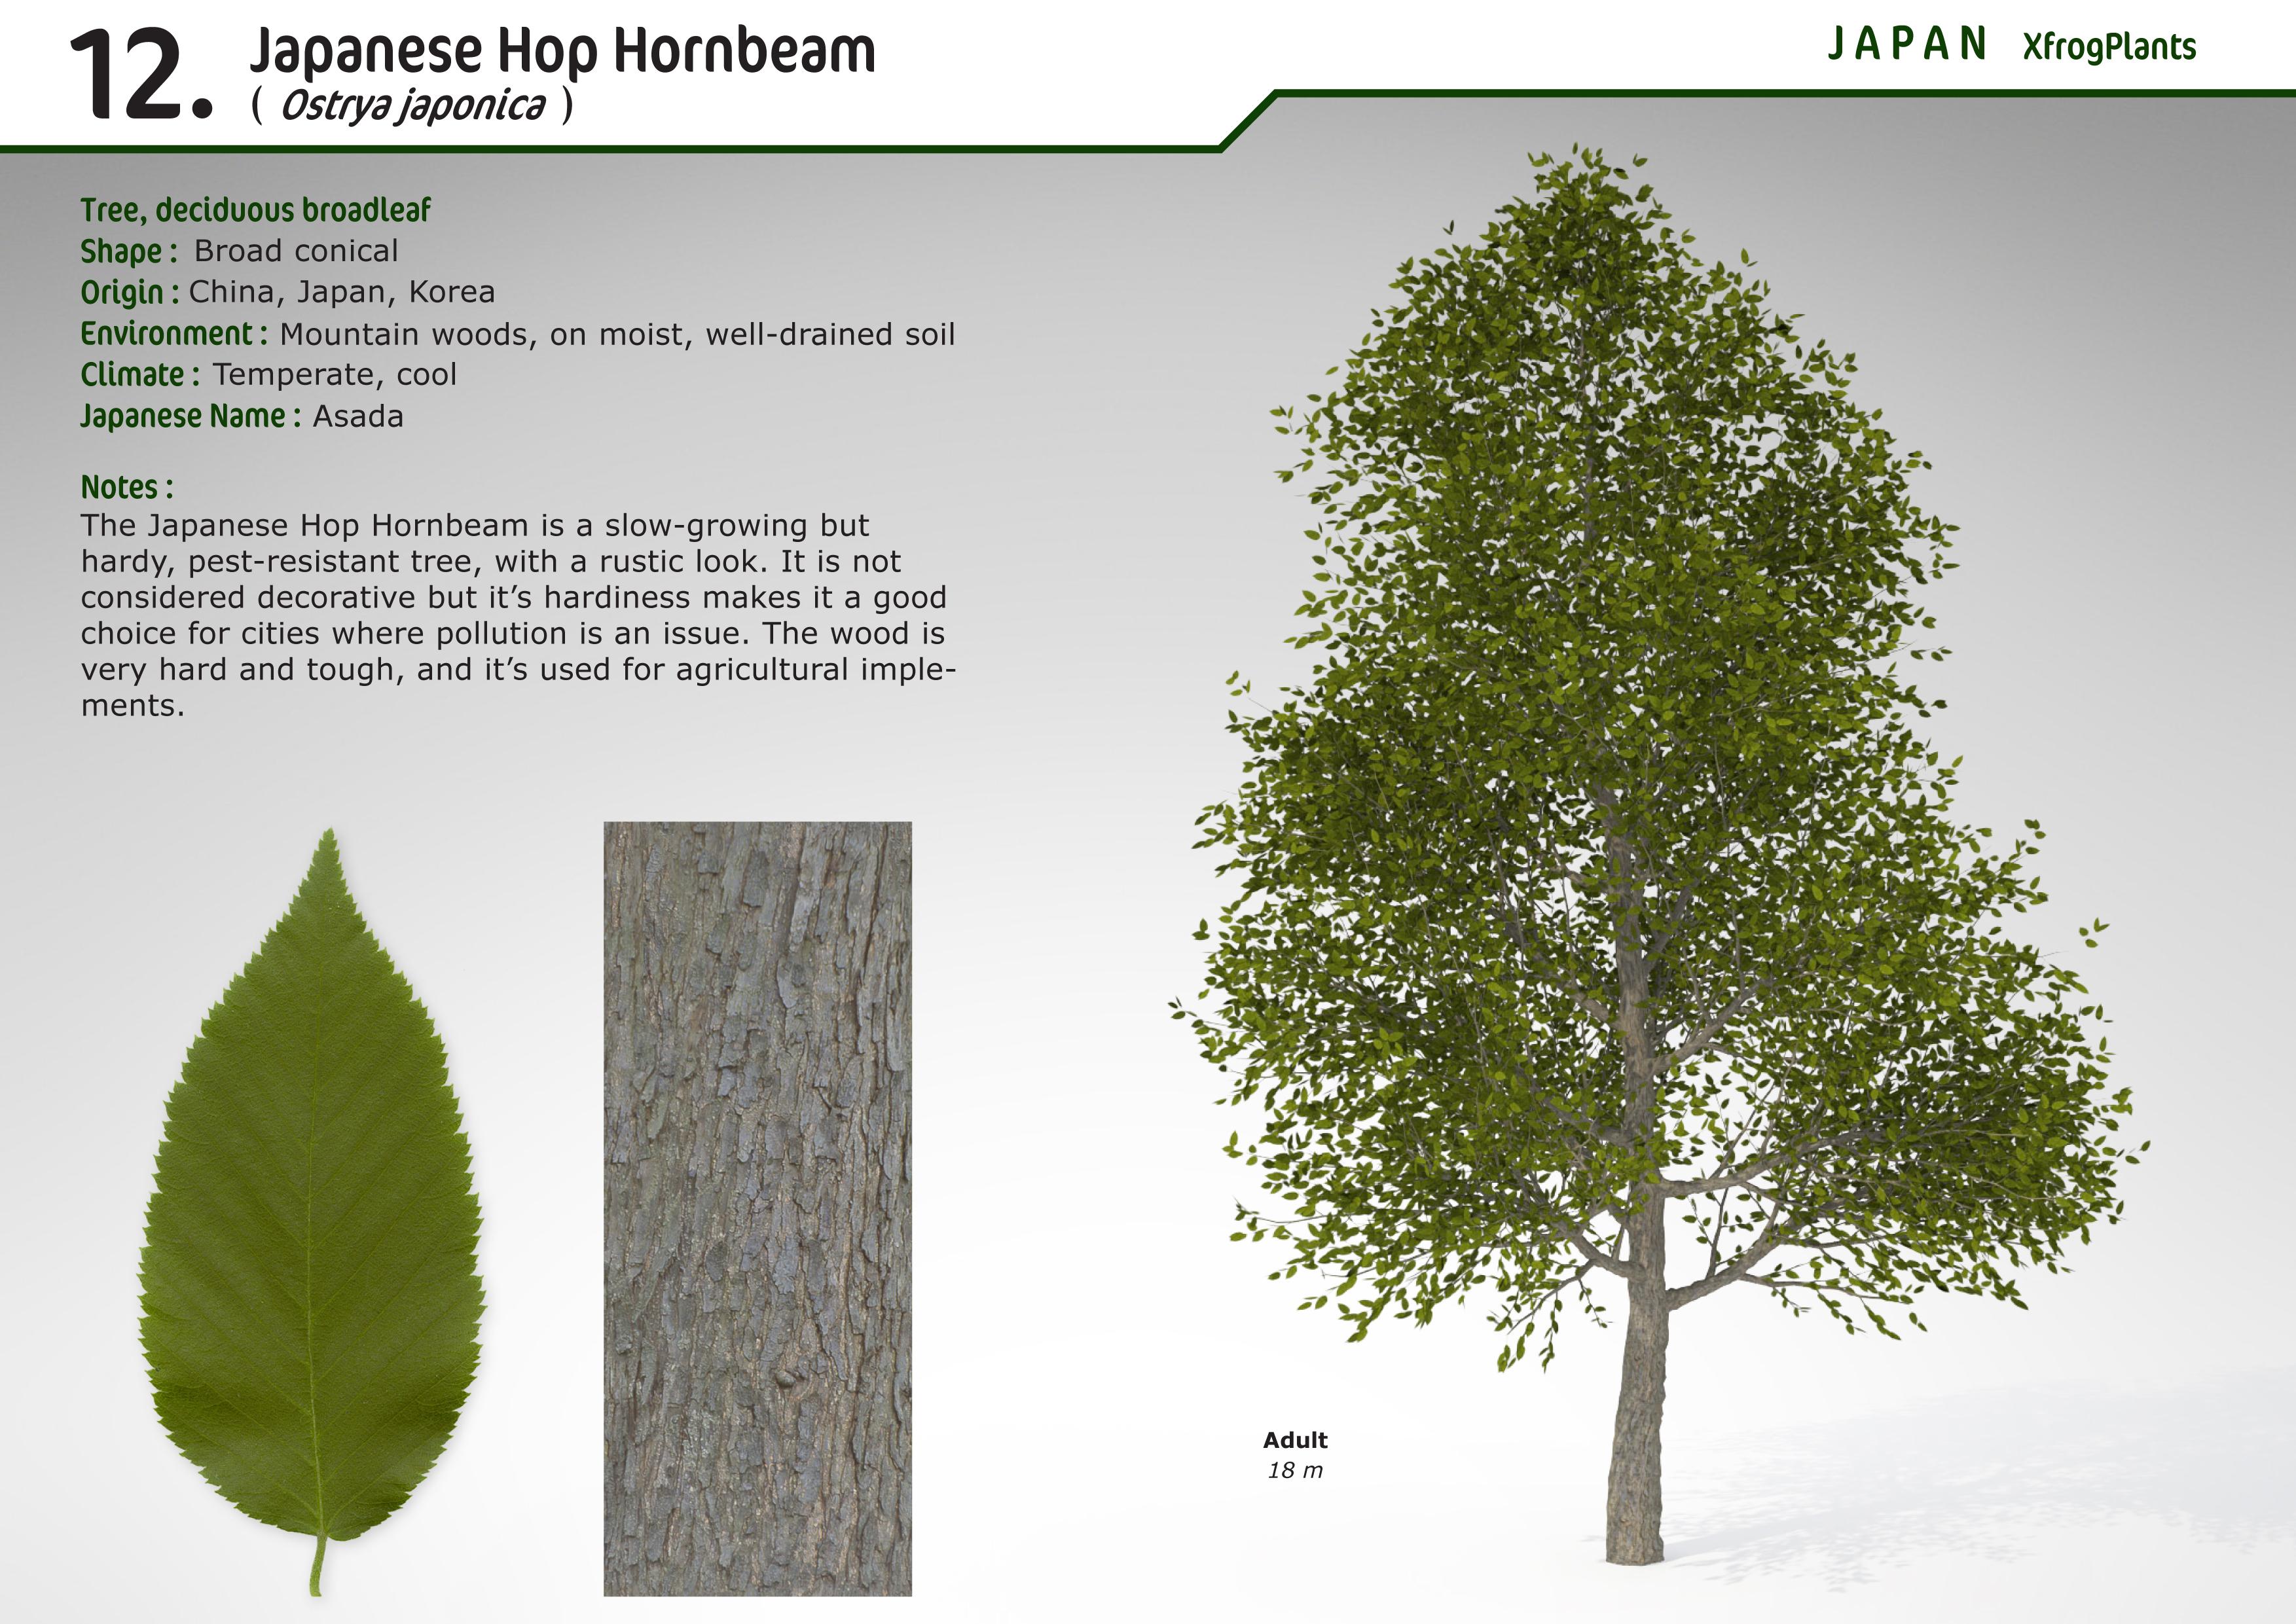 XfrogPlants Japanese Hop Hornbeam : Xfrog com